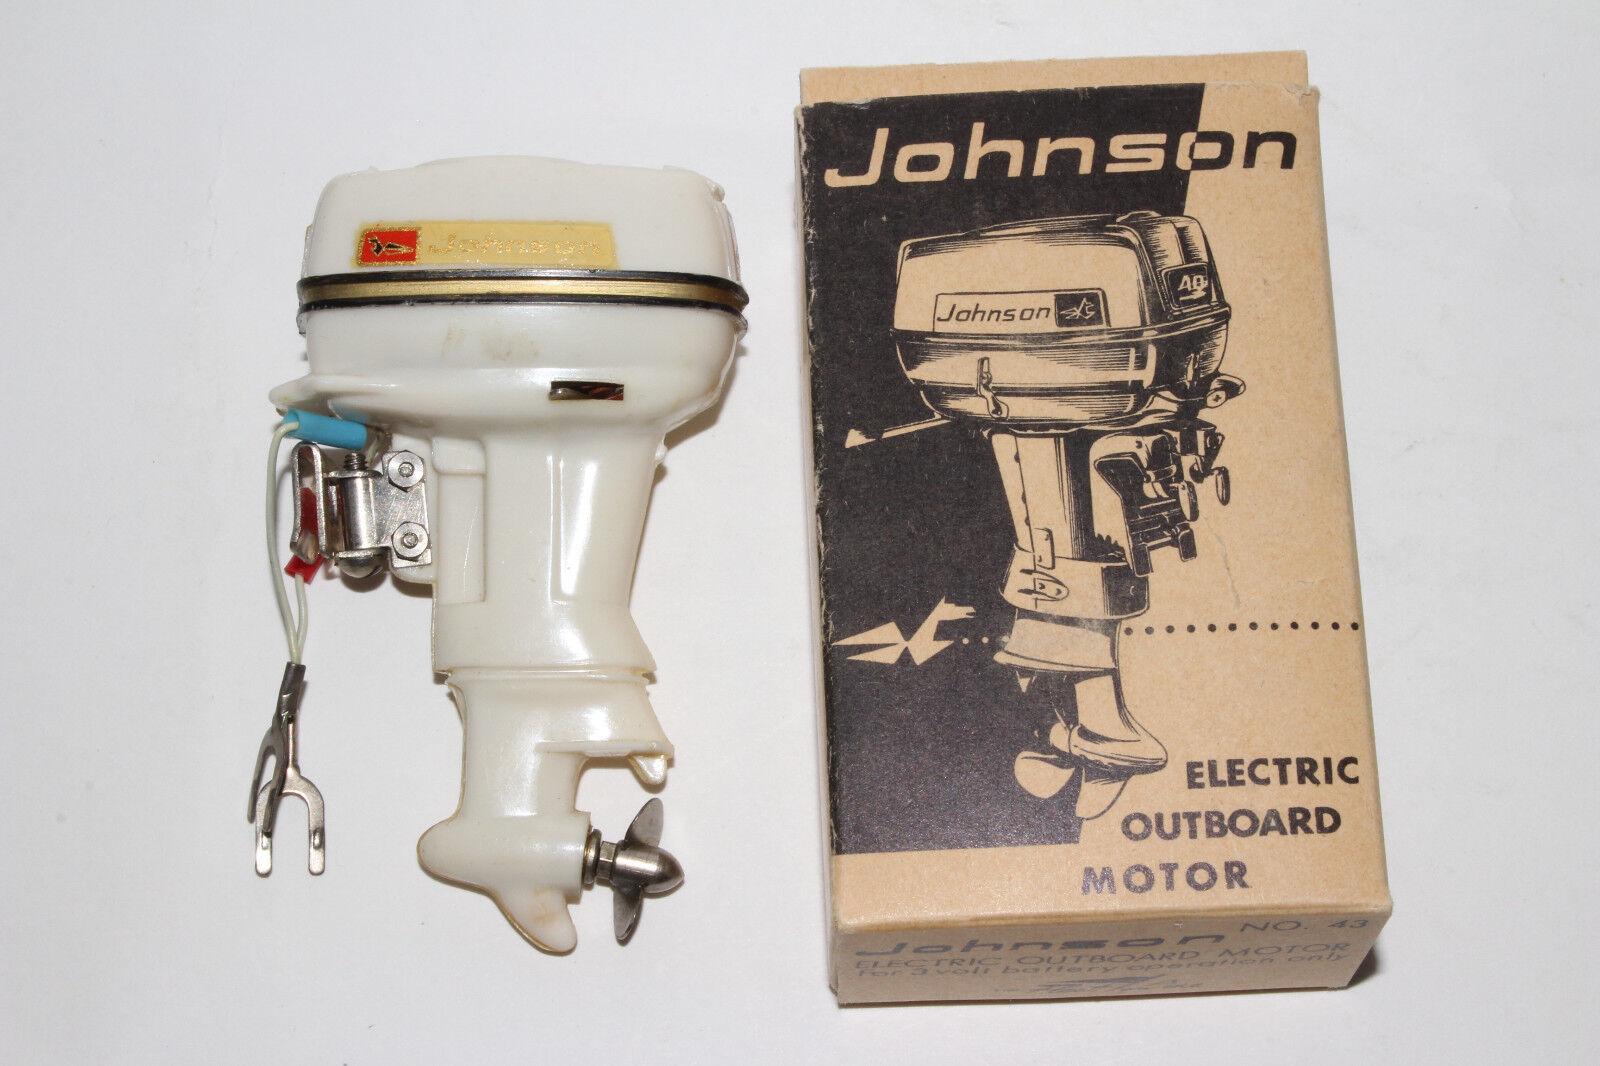 594ms Flotte Ligne, Johnson  40 hp AliHommesté par Batterie Bateau Moteur avec Boite  pas cher en haute qualité